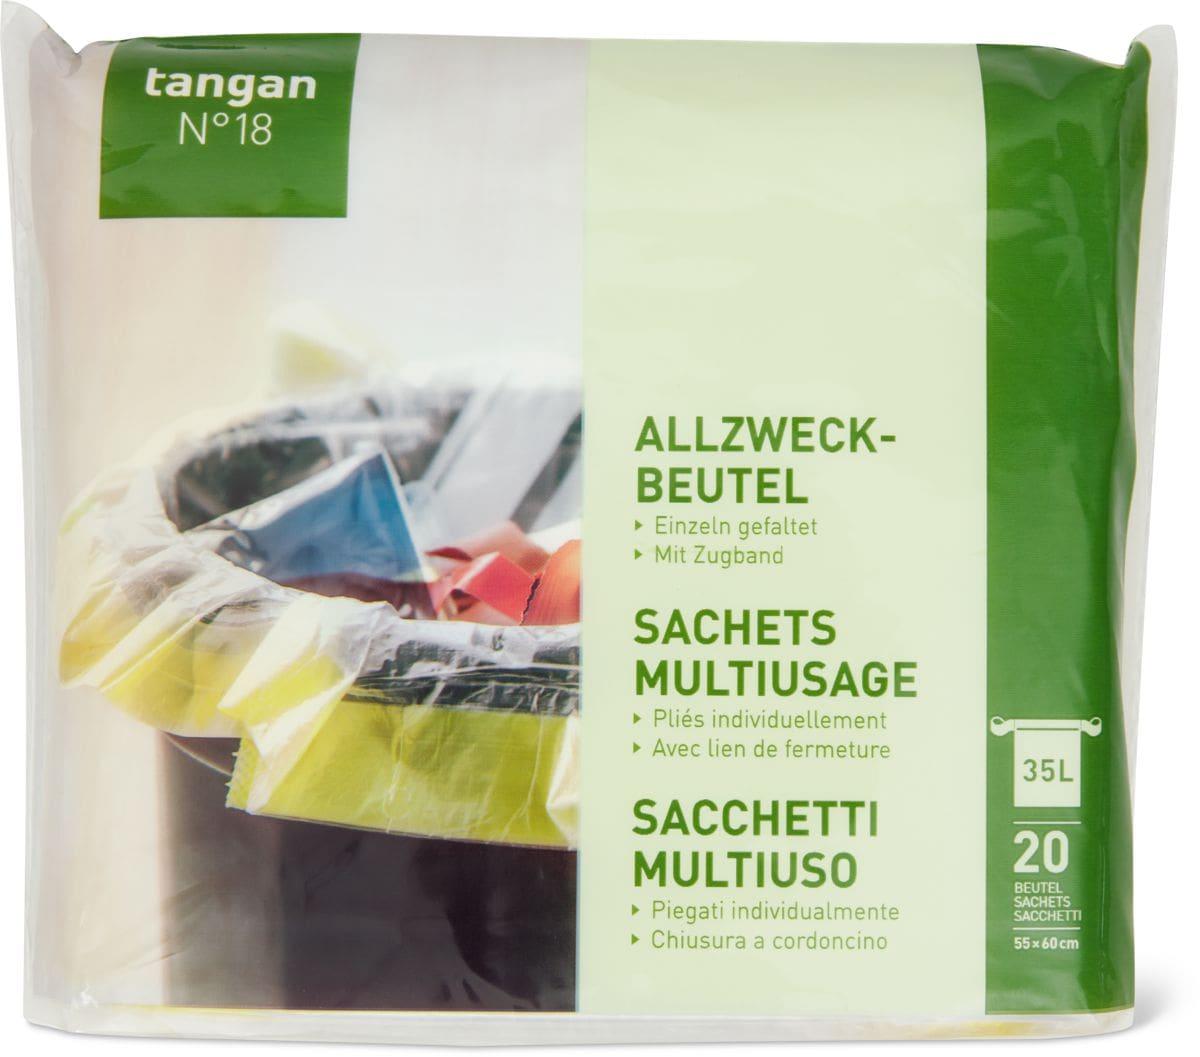 Tangan N°18 Allzweckbeutel 35L